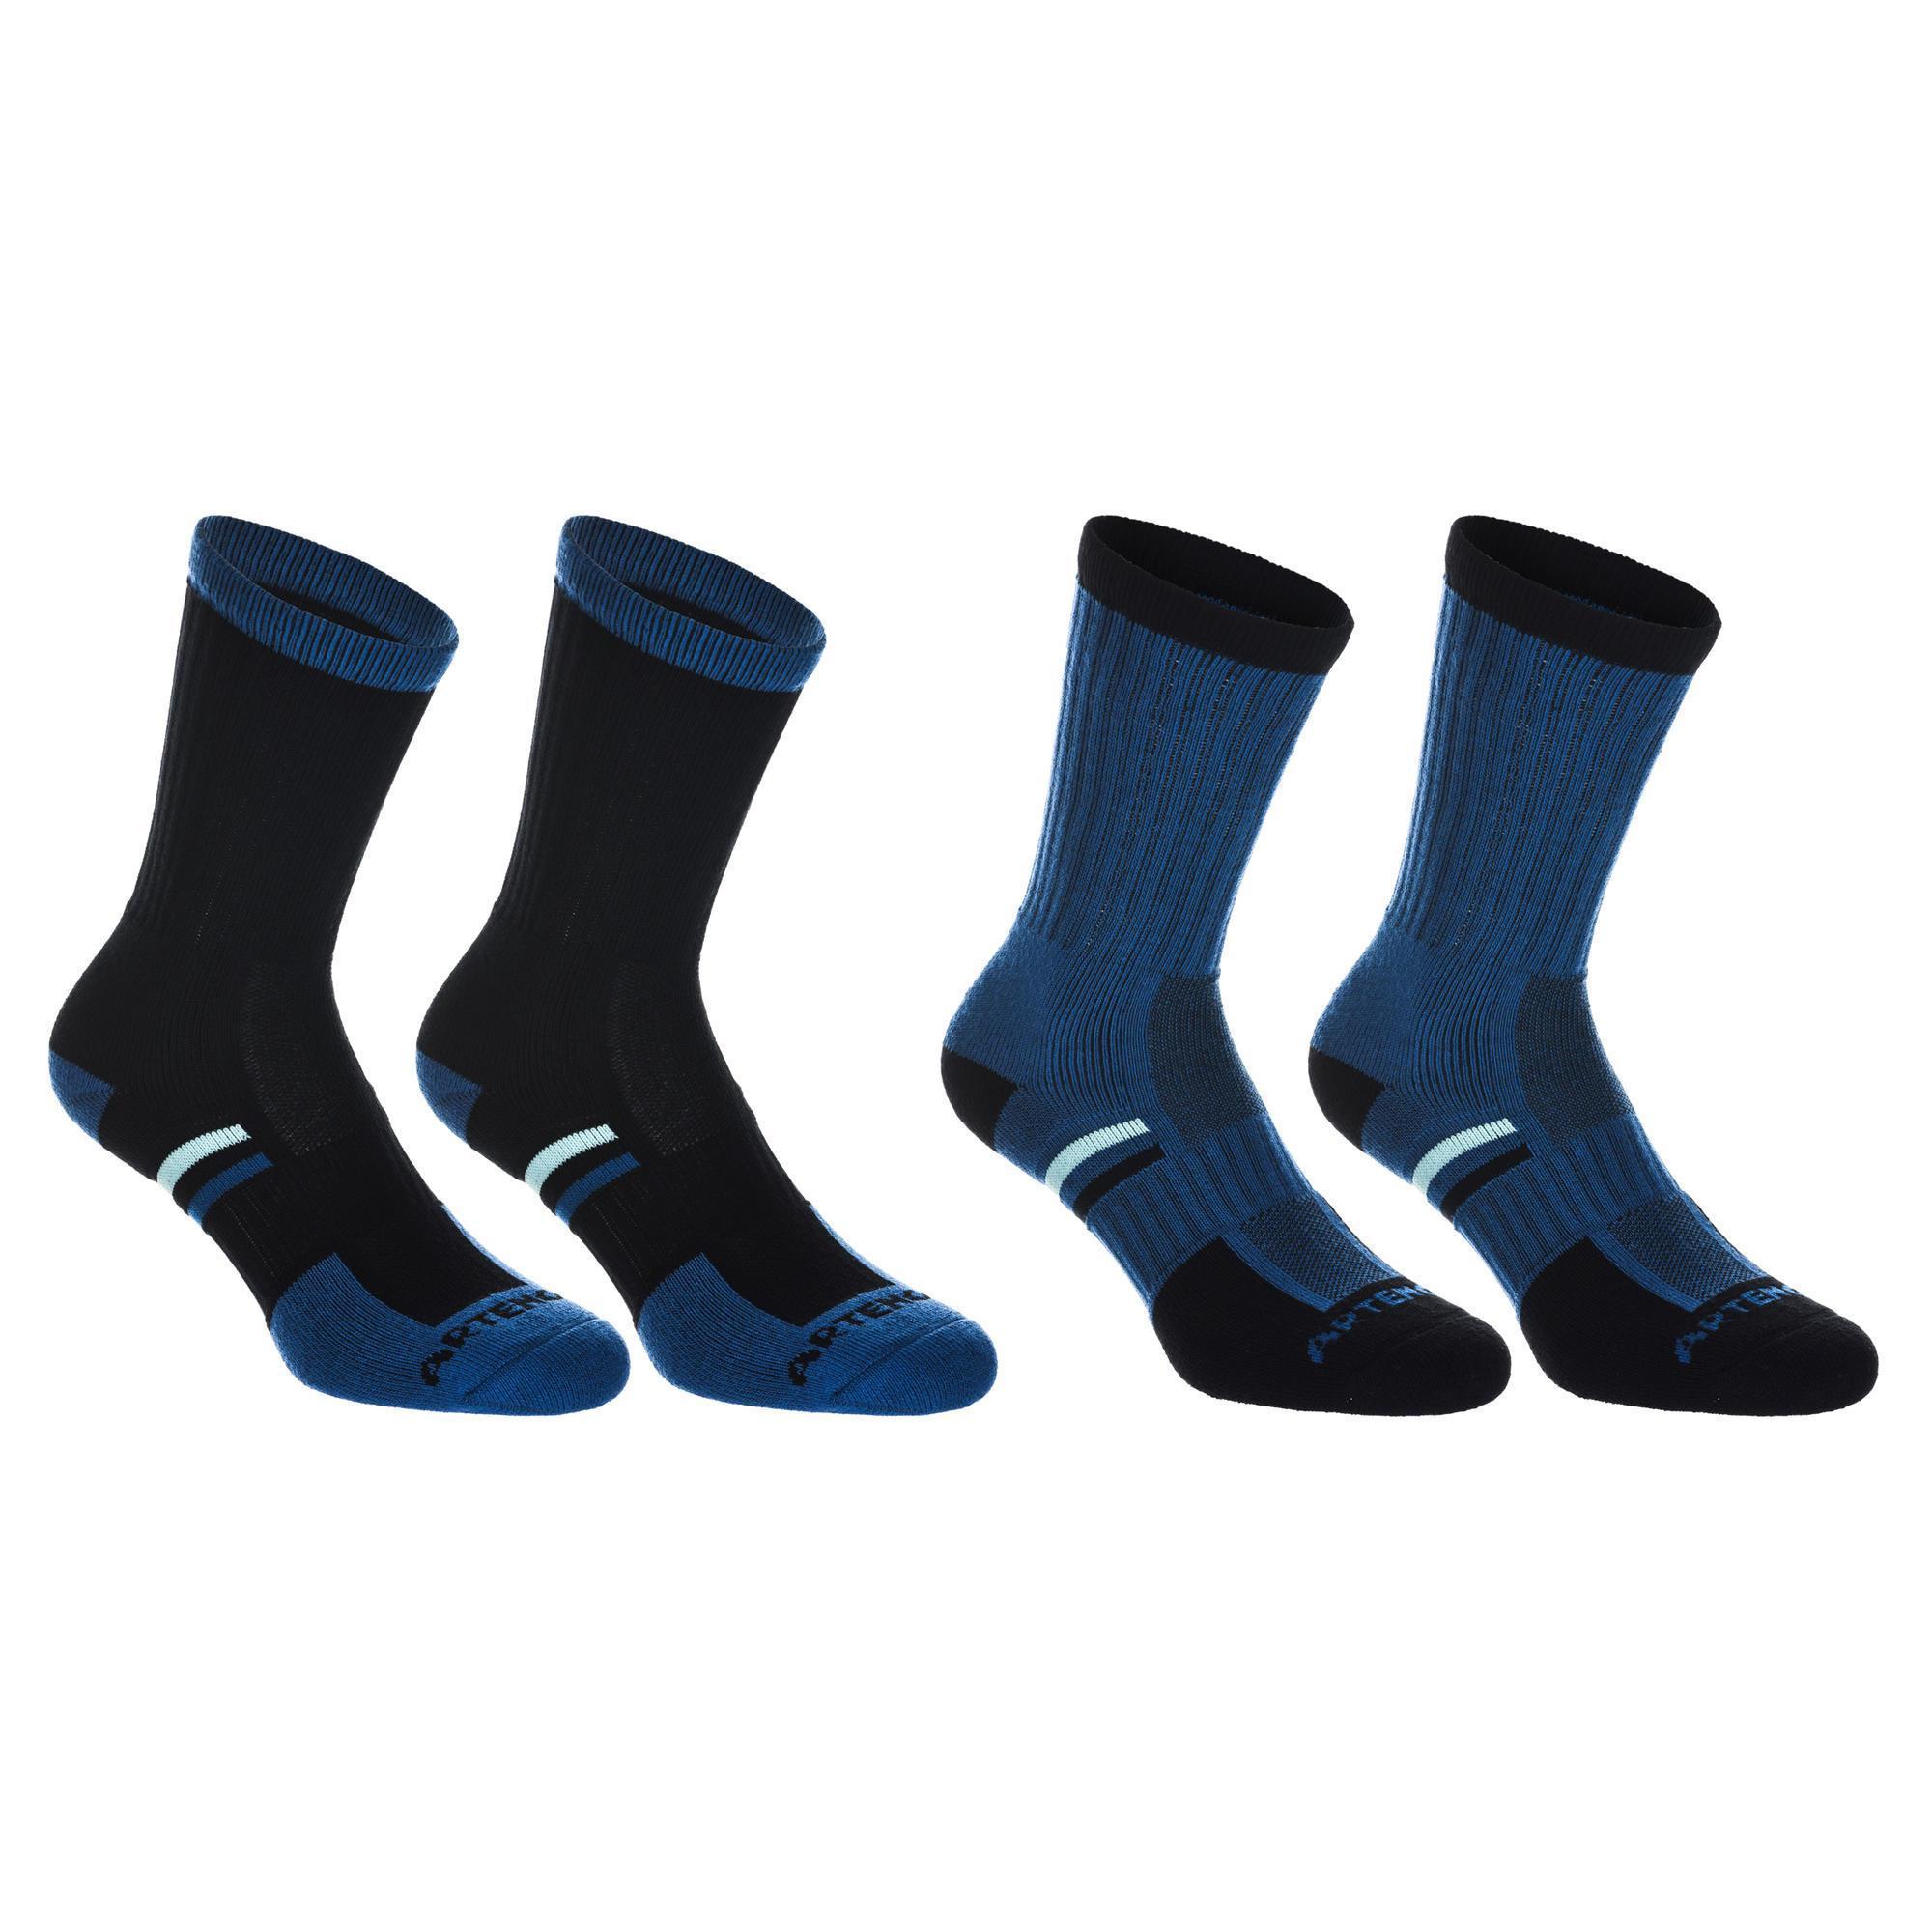 Tennissocken RS 500 High 4er Pack blau/türkis | Sportbekleidung > Funktionswäsche > Sportsocken | Blau | Pikee | Artengo